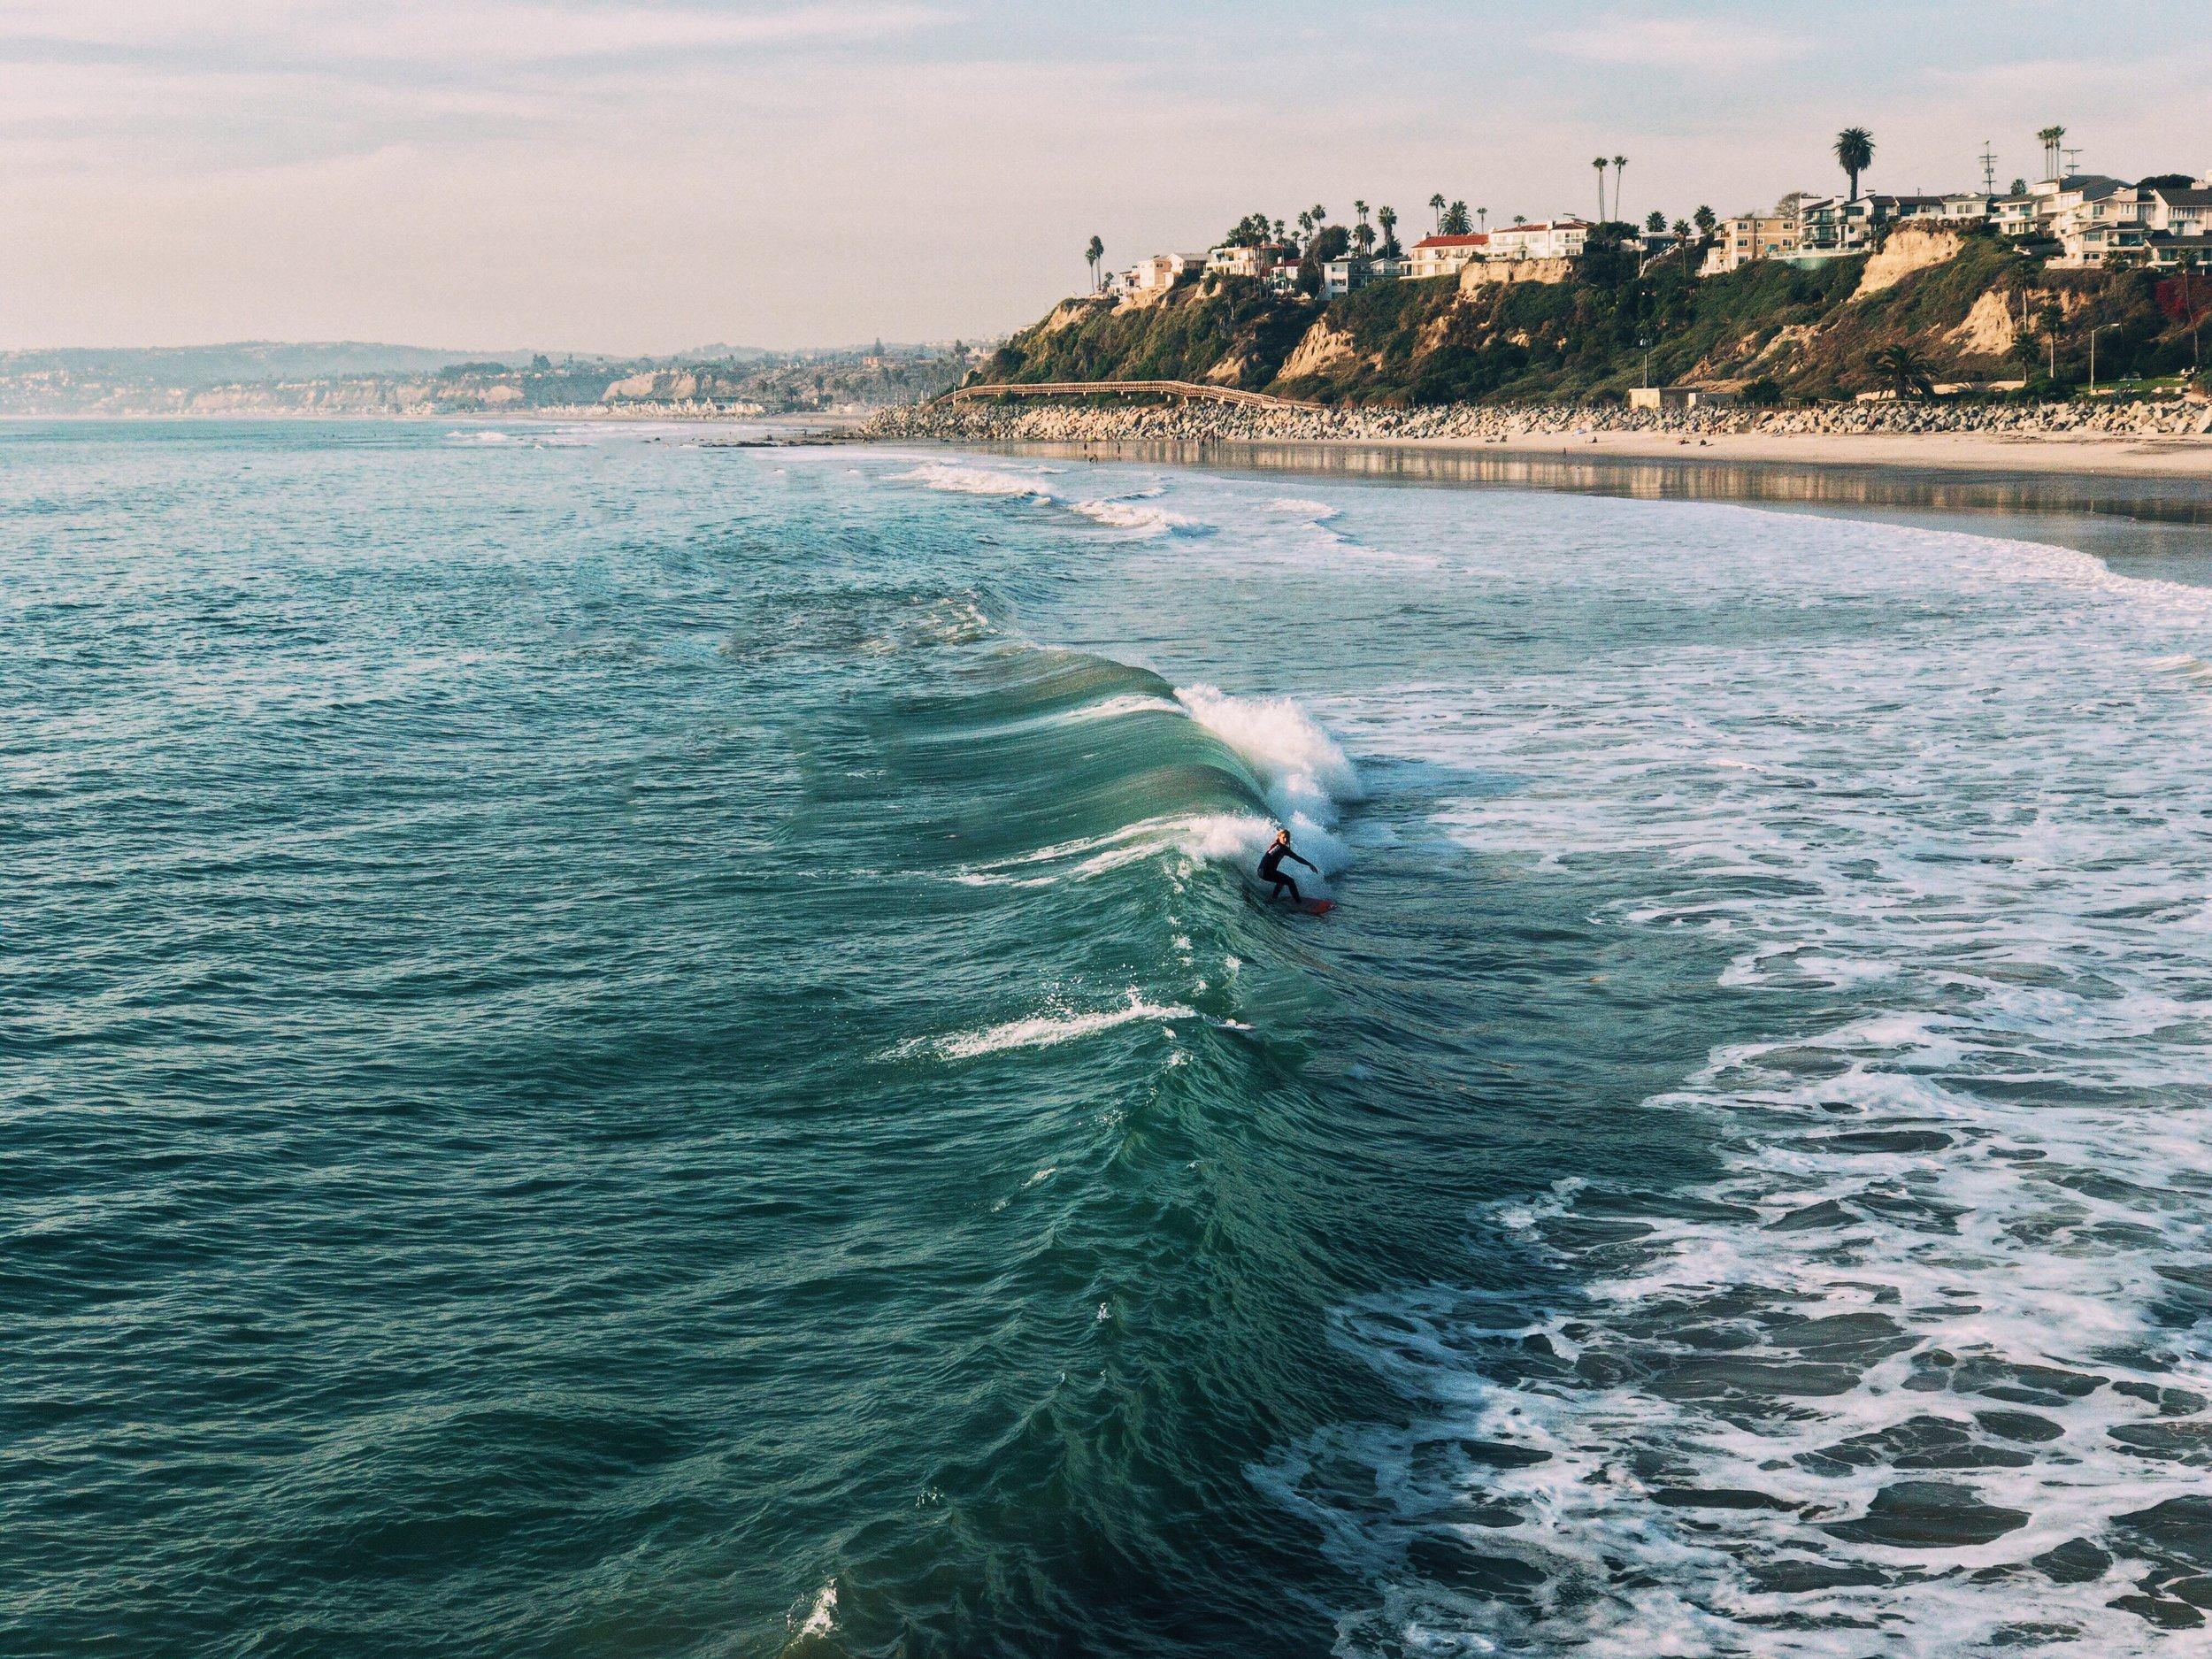 surfing-san-clemente-us.jpg